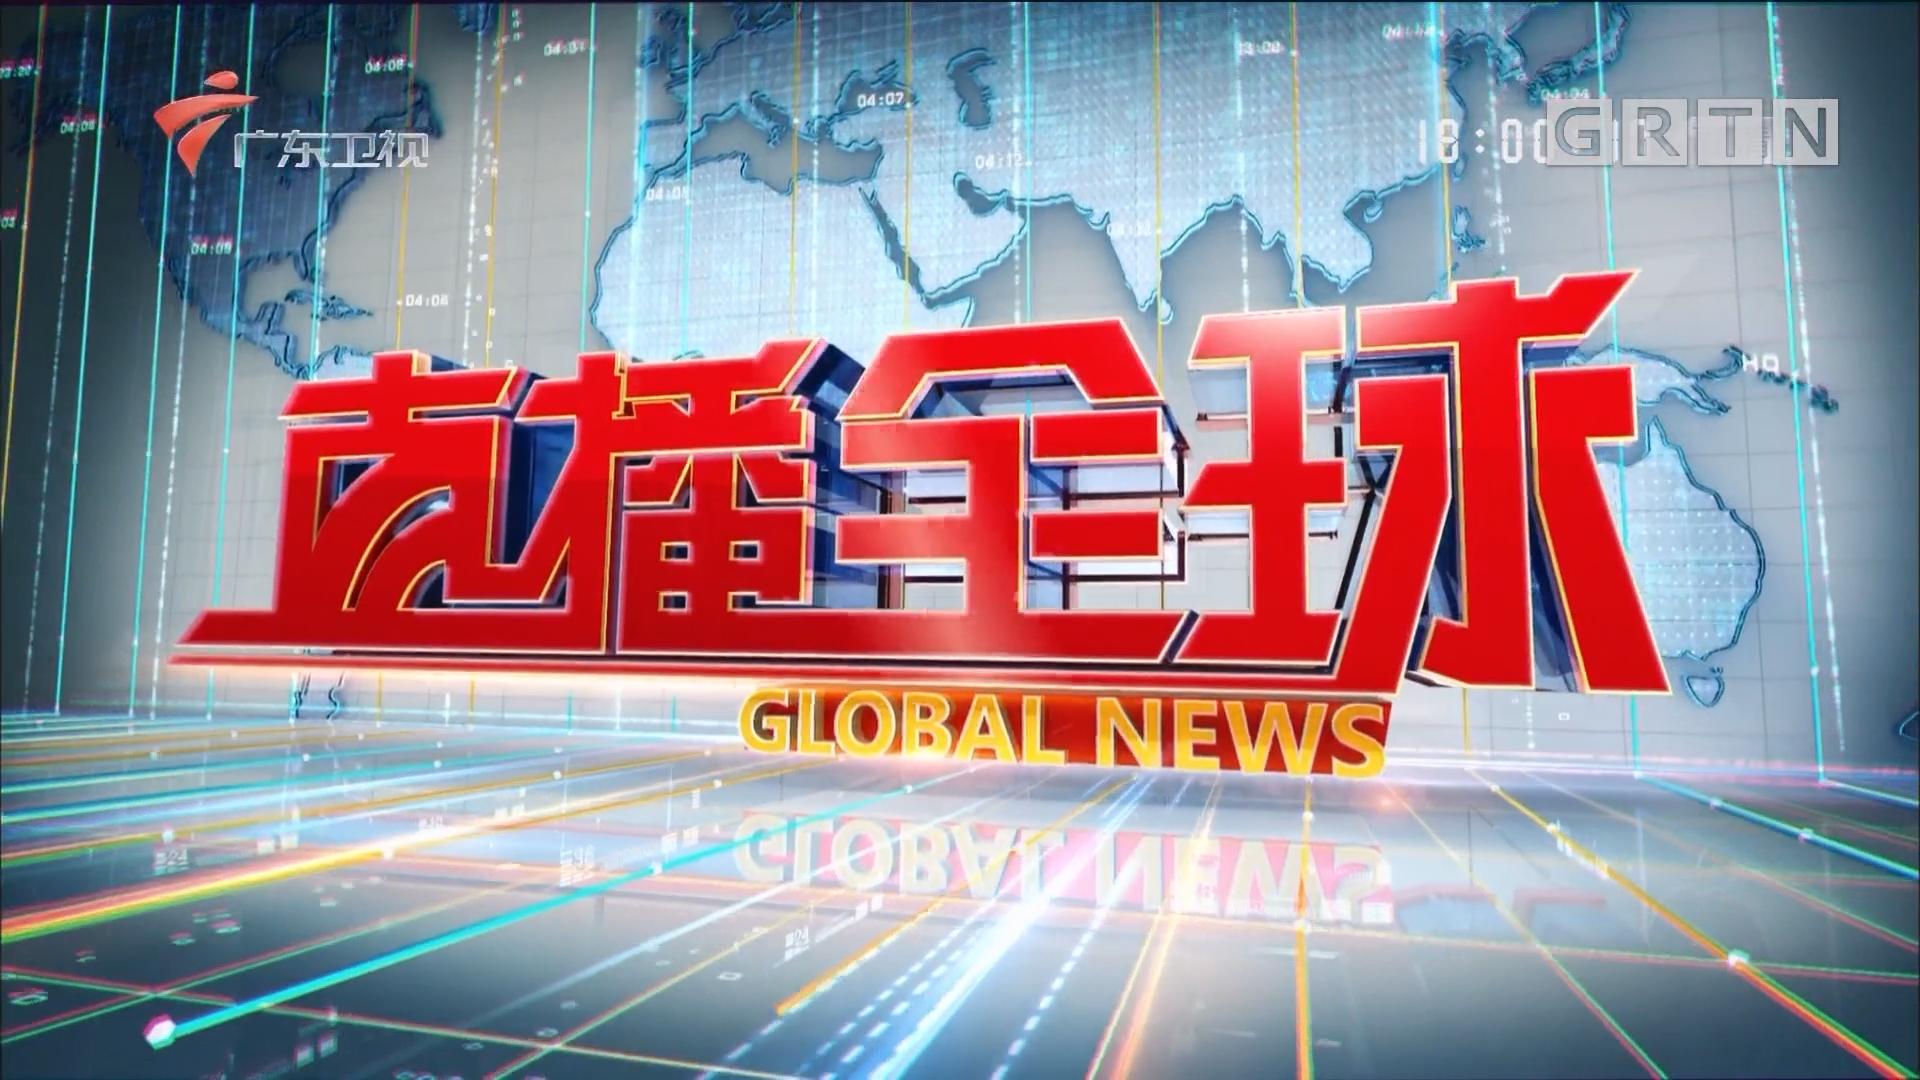 [HD][2017-09-08]直播全球:不约而同!国际社会共同关注朝鲜问题 习近平与默克尔通话:半岛问题只能通过和平方式解决